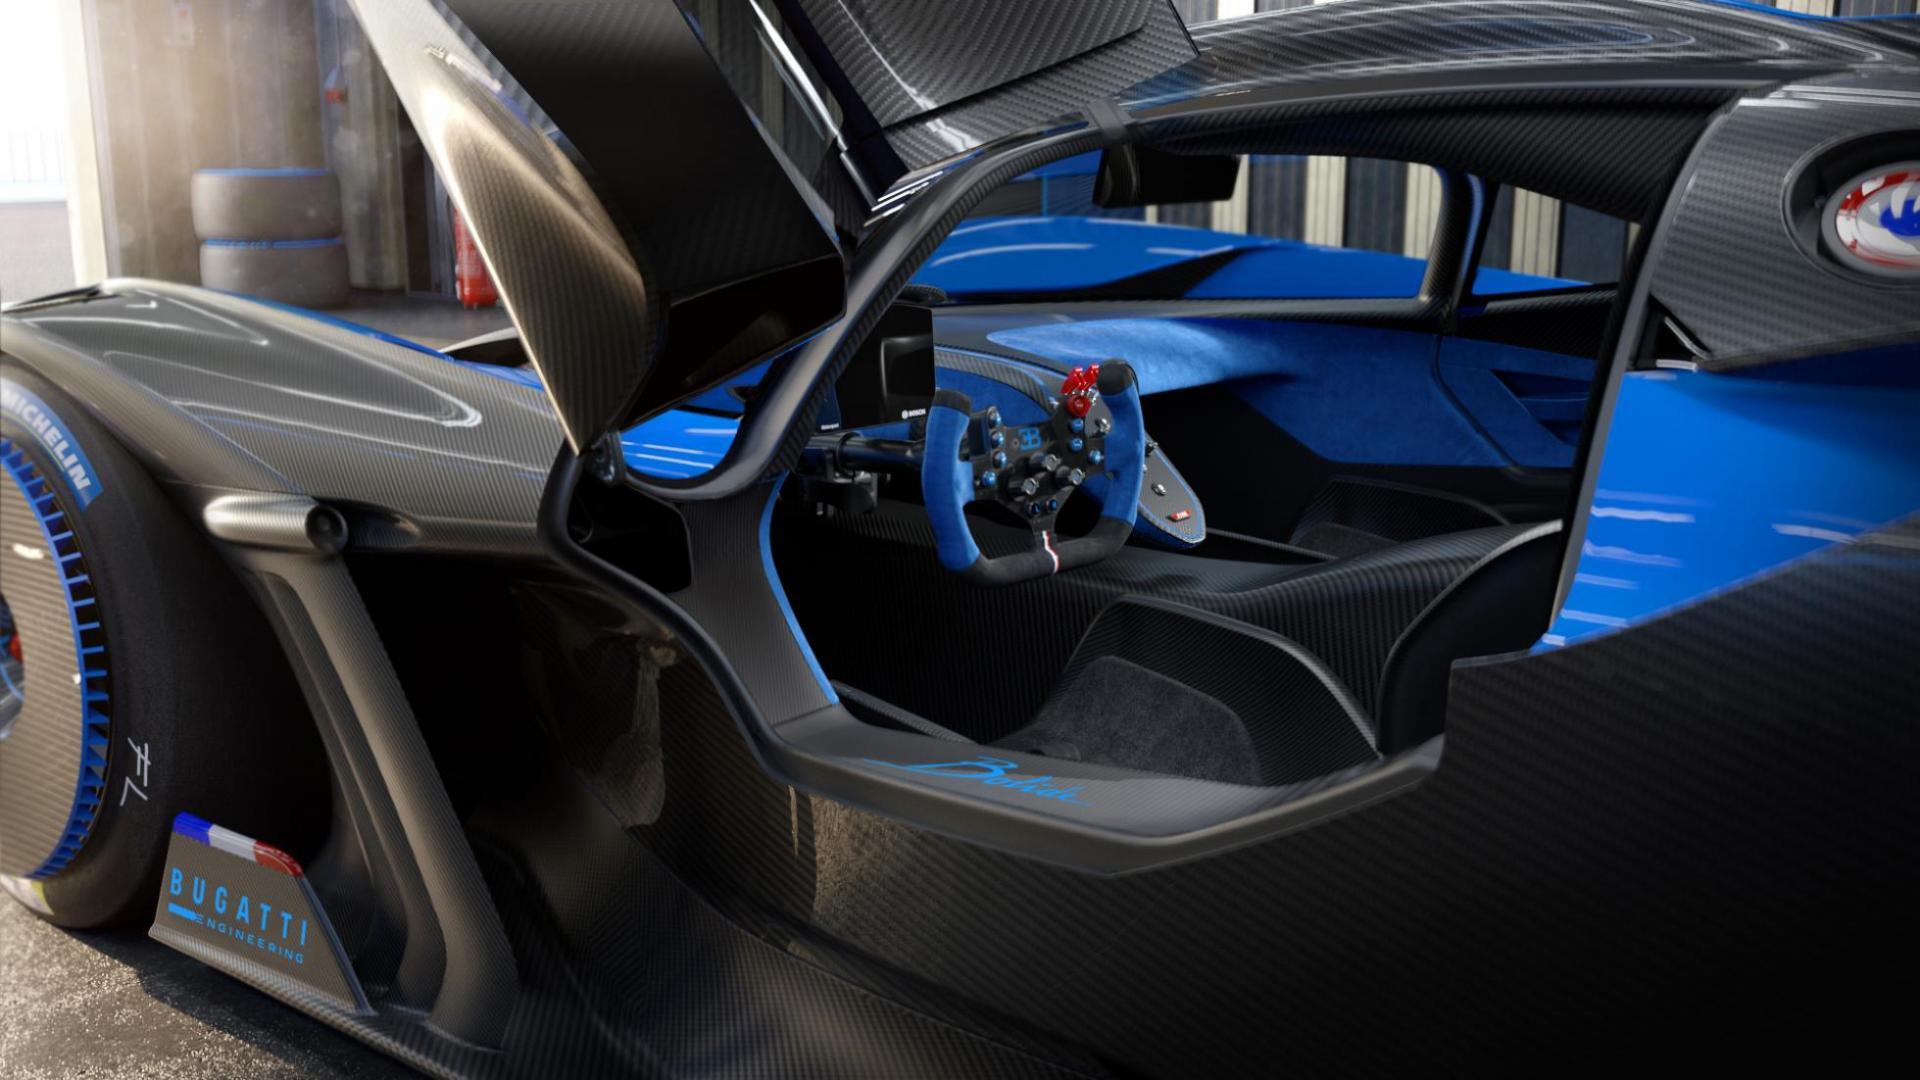 Bugatti Bolide Gullwing-doors